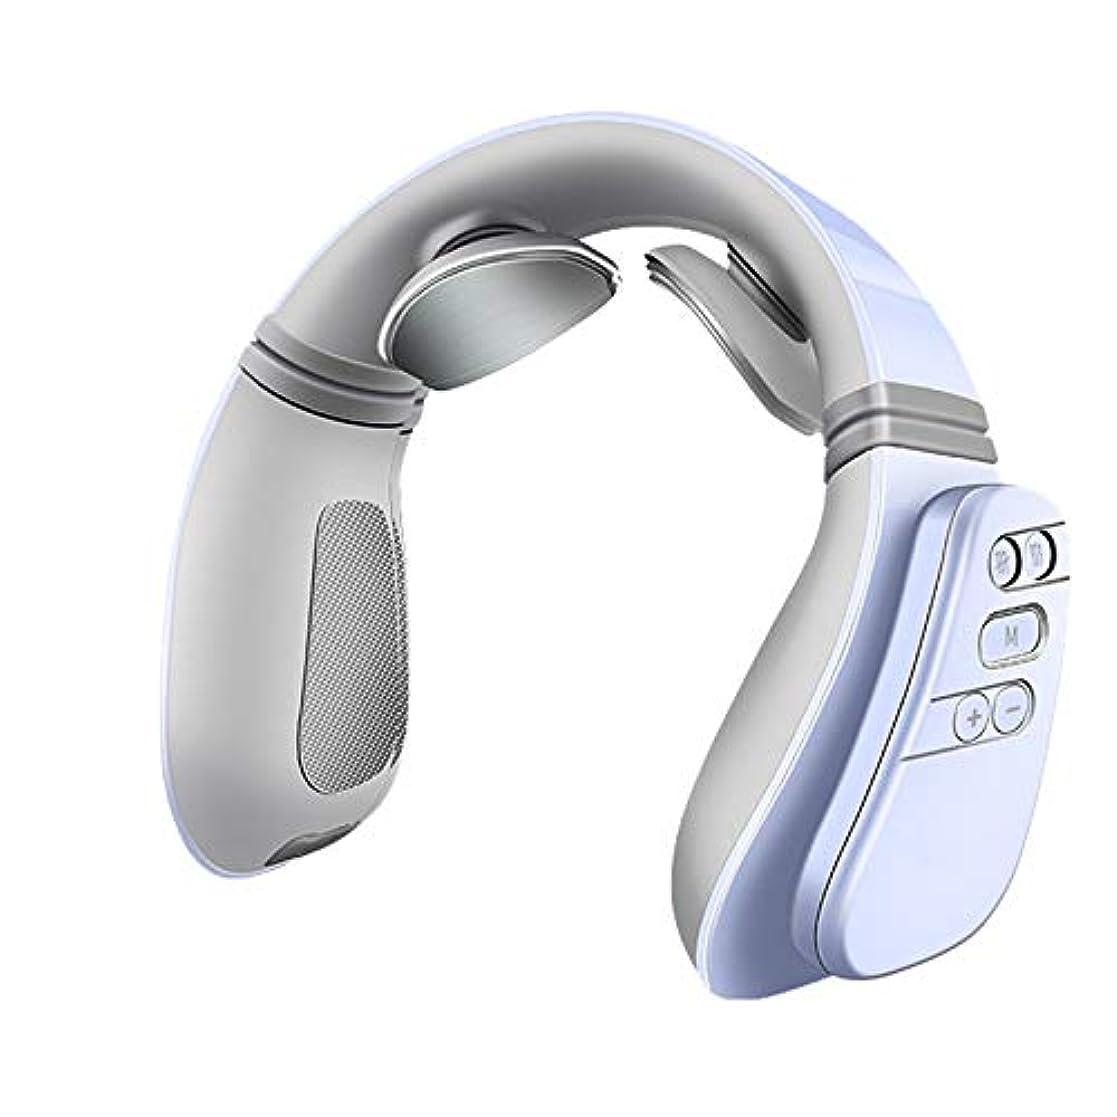 落ち着く準備した傾向がありますヒートディープティッシュネックマッサージャー電動指圧ネックマッサージは、オフィス、ホーム、カー用の筋肉痛を和らげます